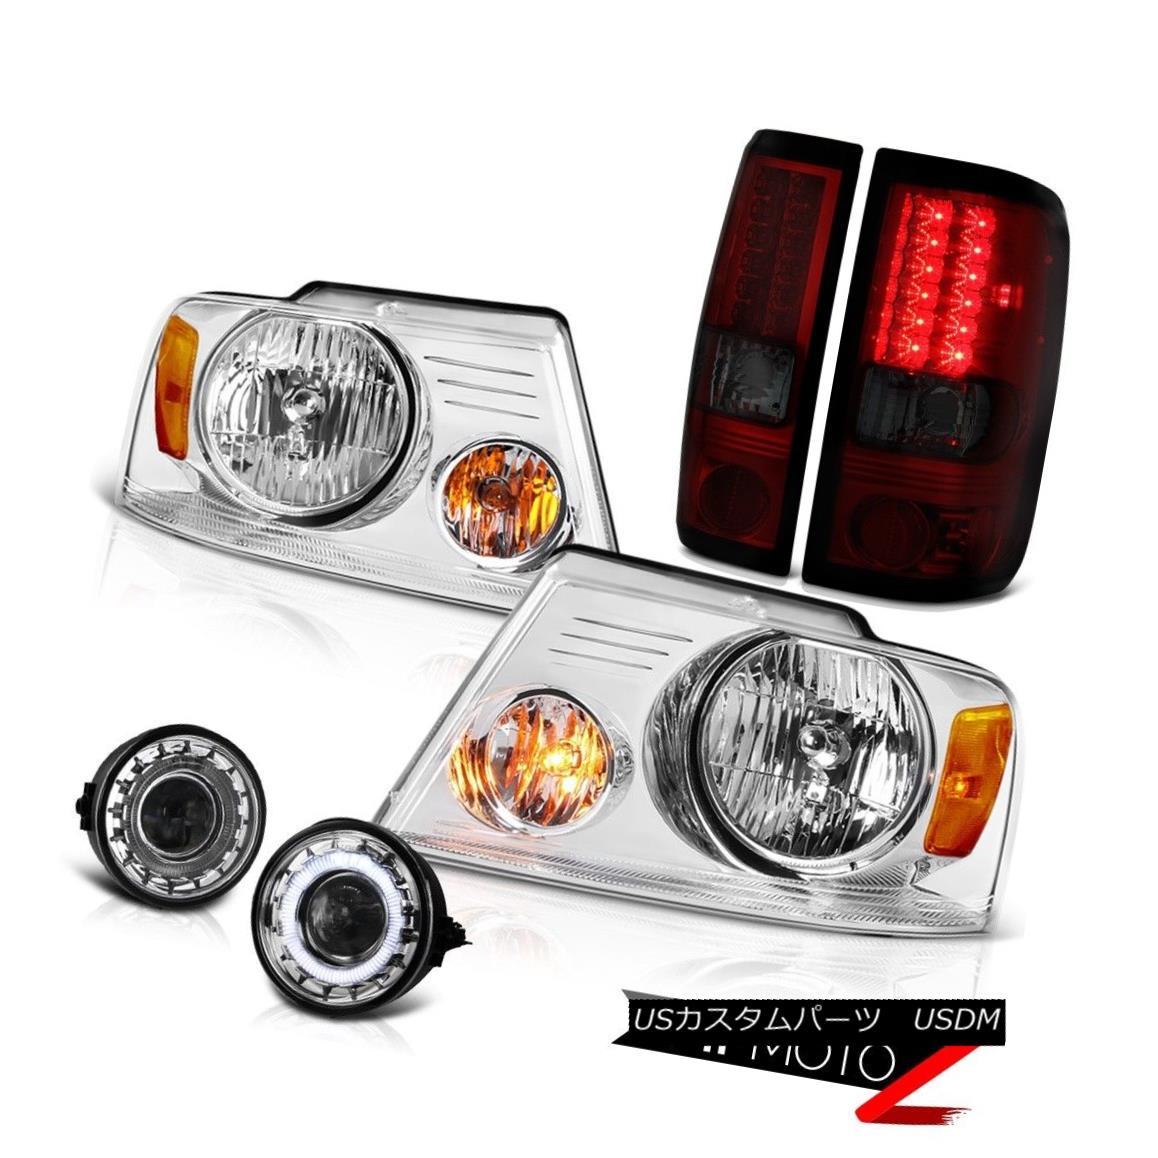 ヘッドライト 06 07 08 Ford F150 FX4 Fog Lamps Headlamps Taillamps Projector